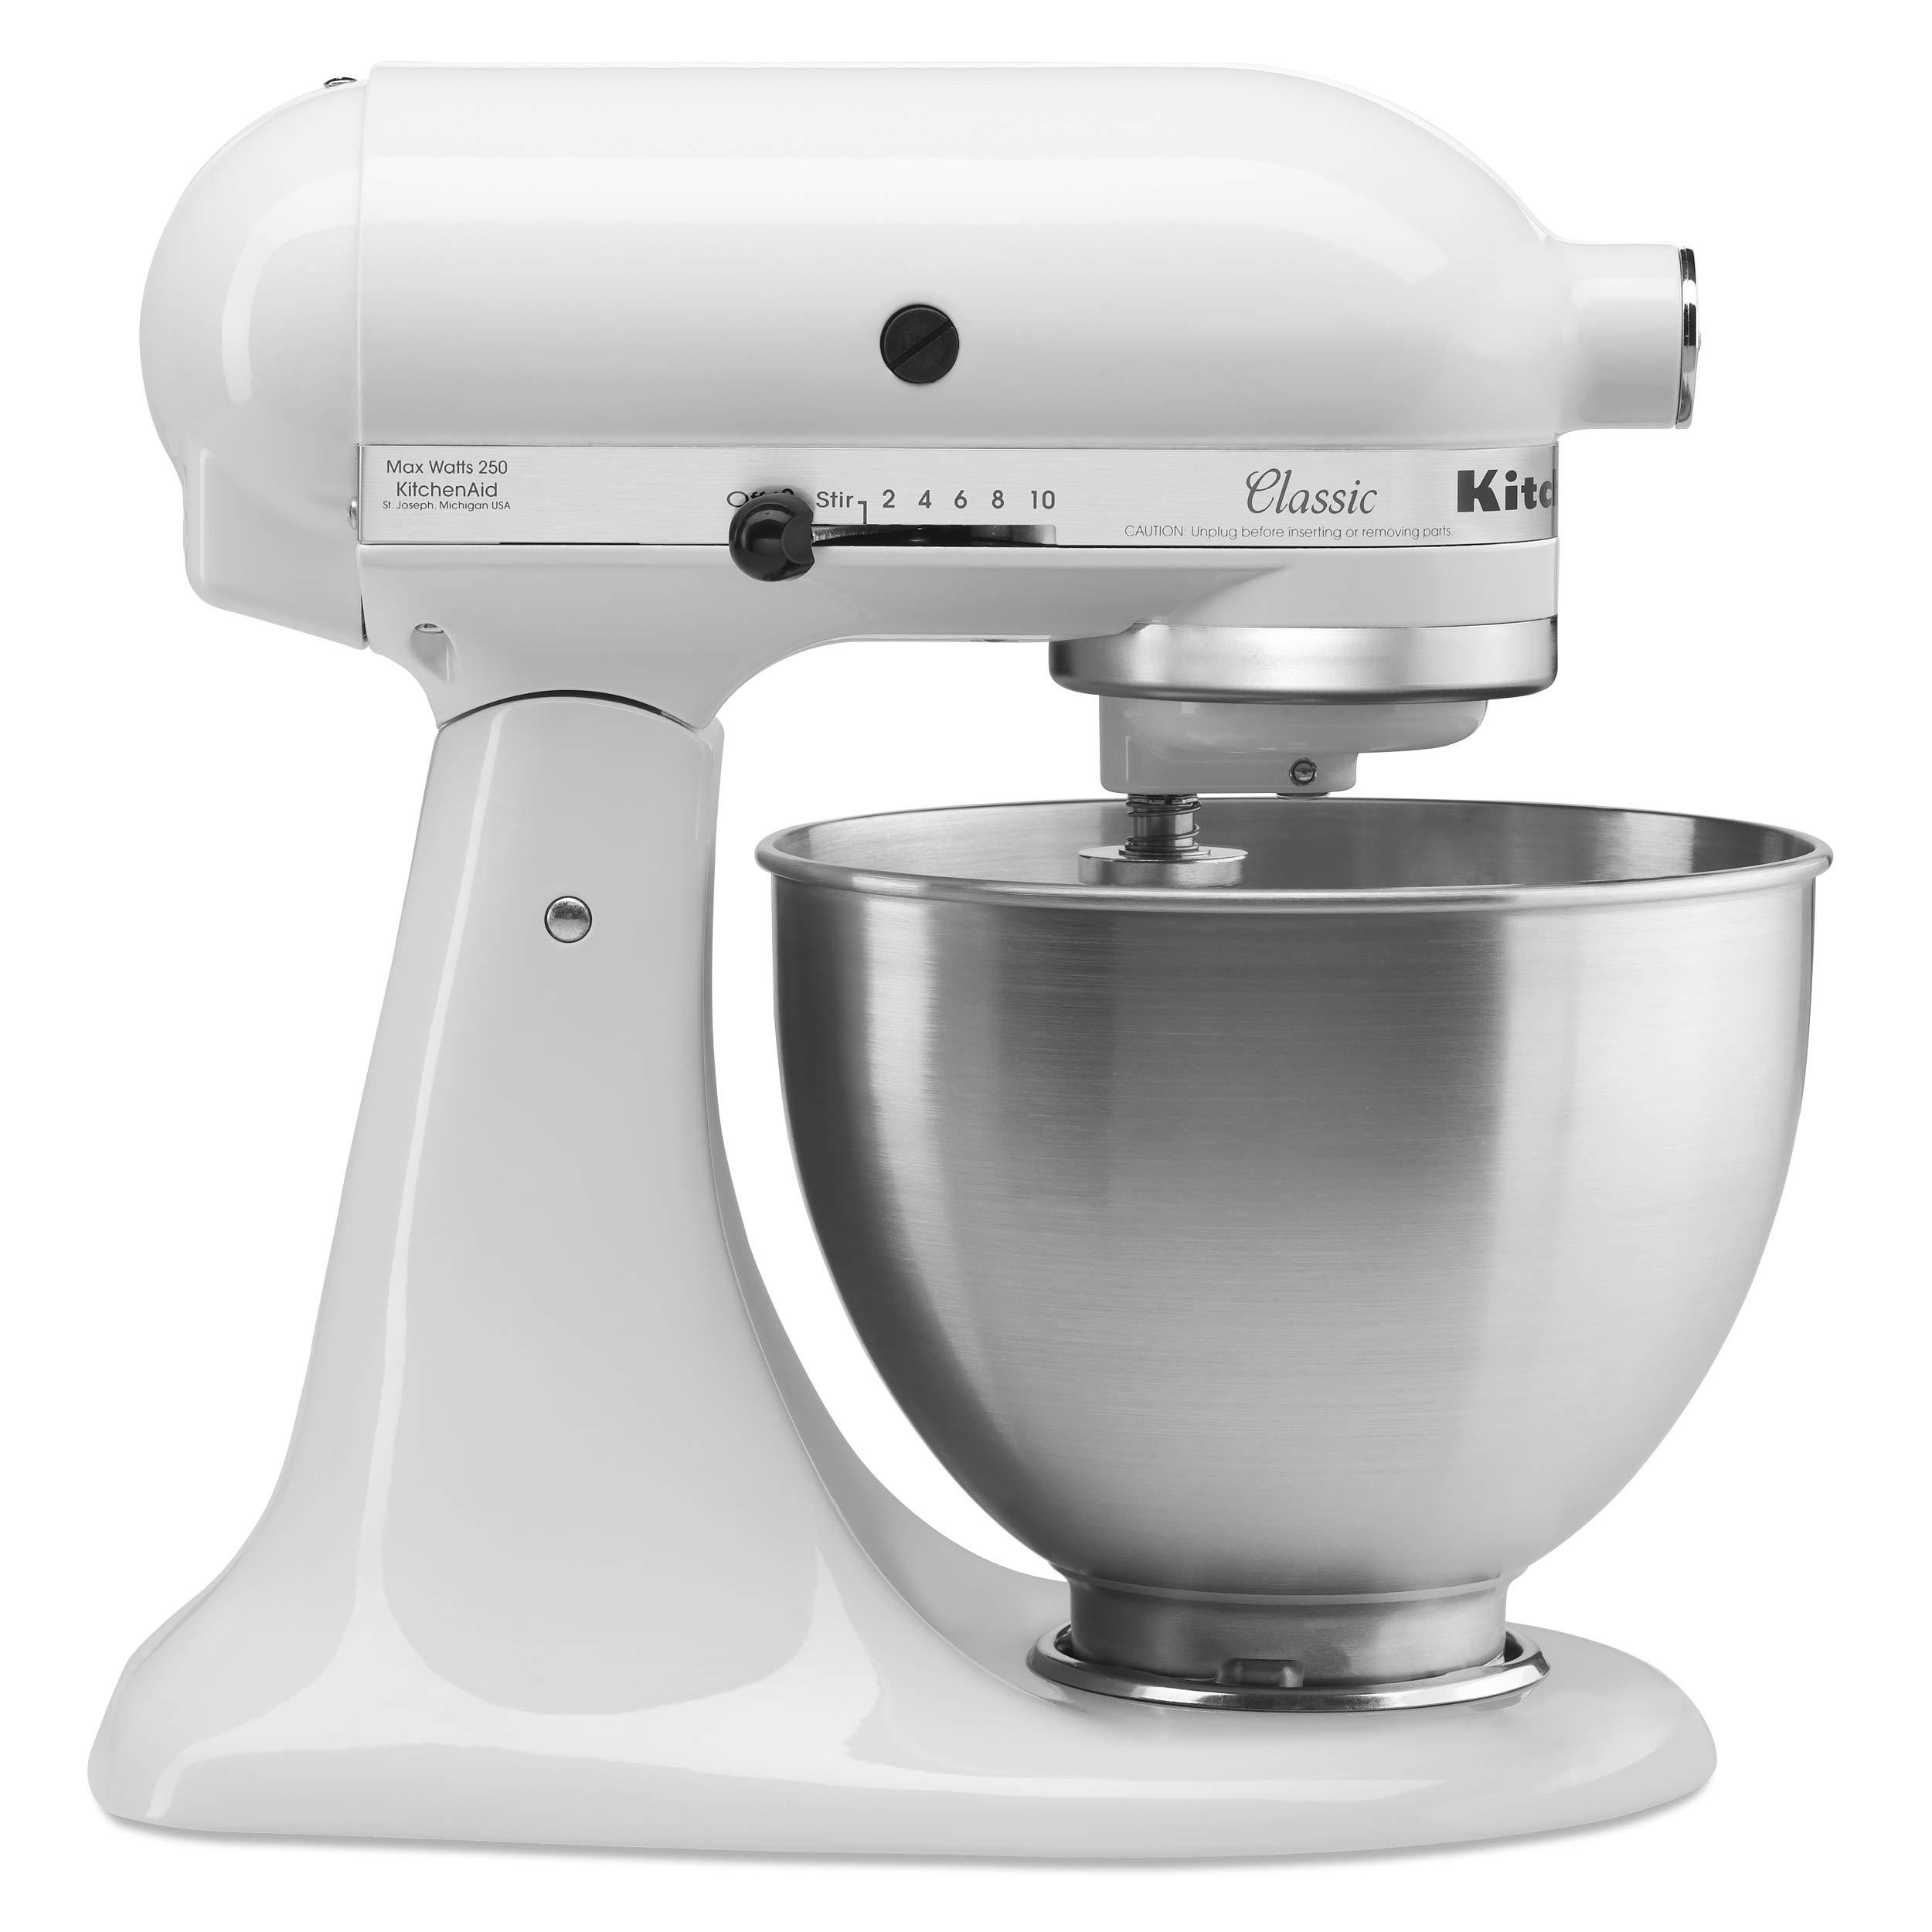 KitchenAid 5K45SSBWH Classic Stand Mixer, 4.3 Litre, White